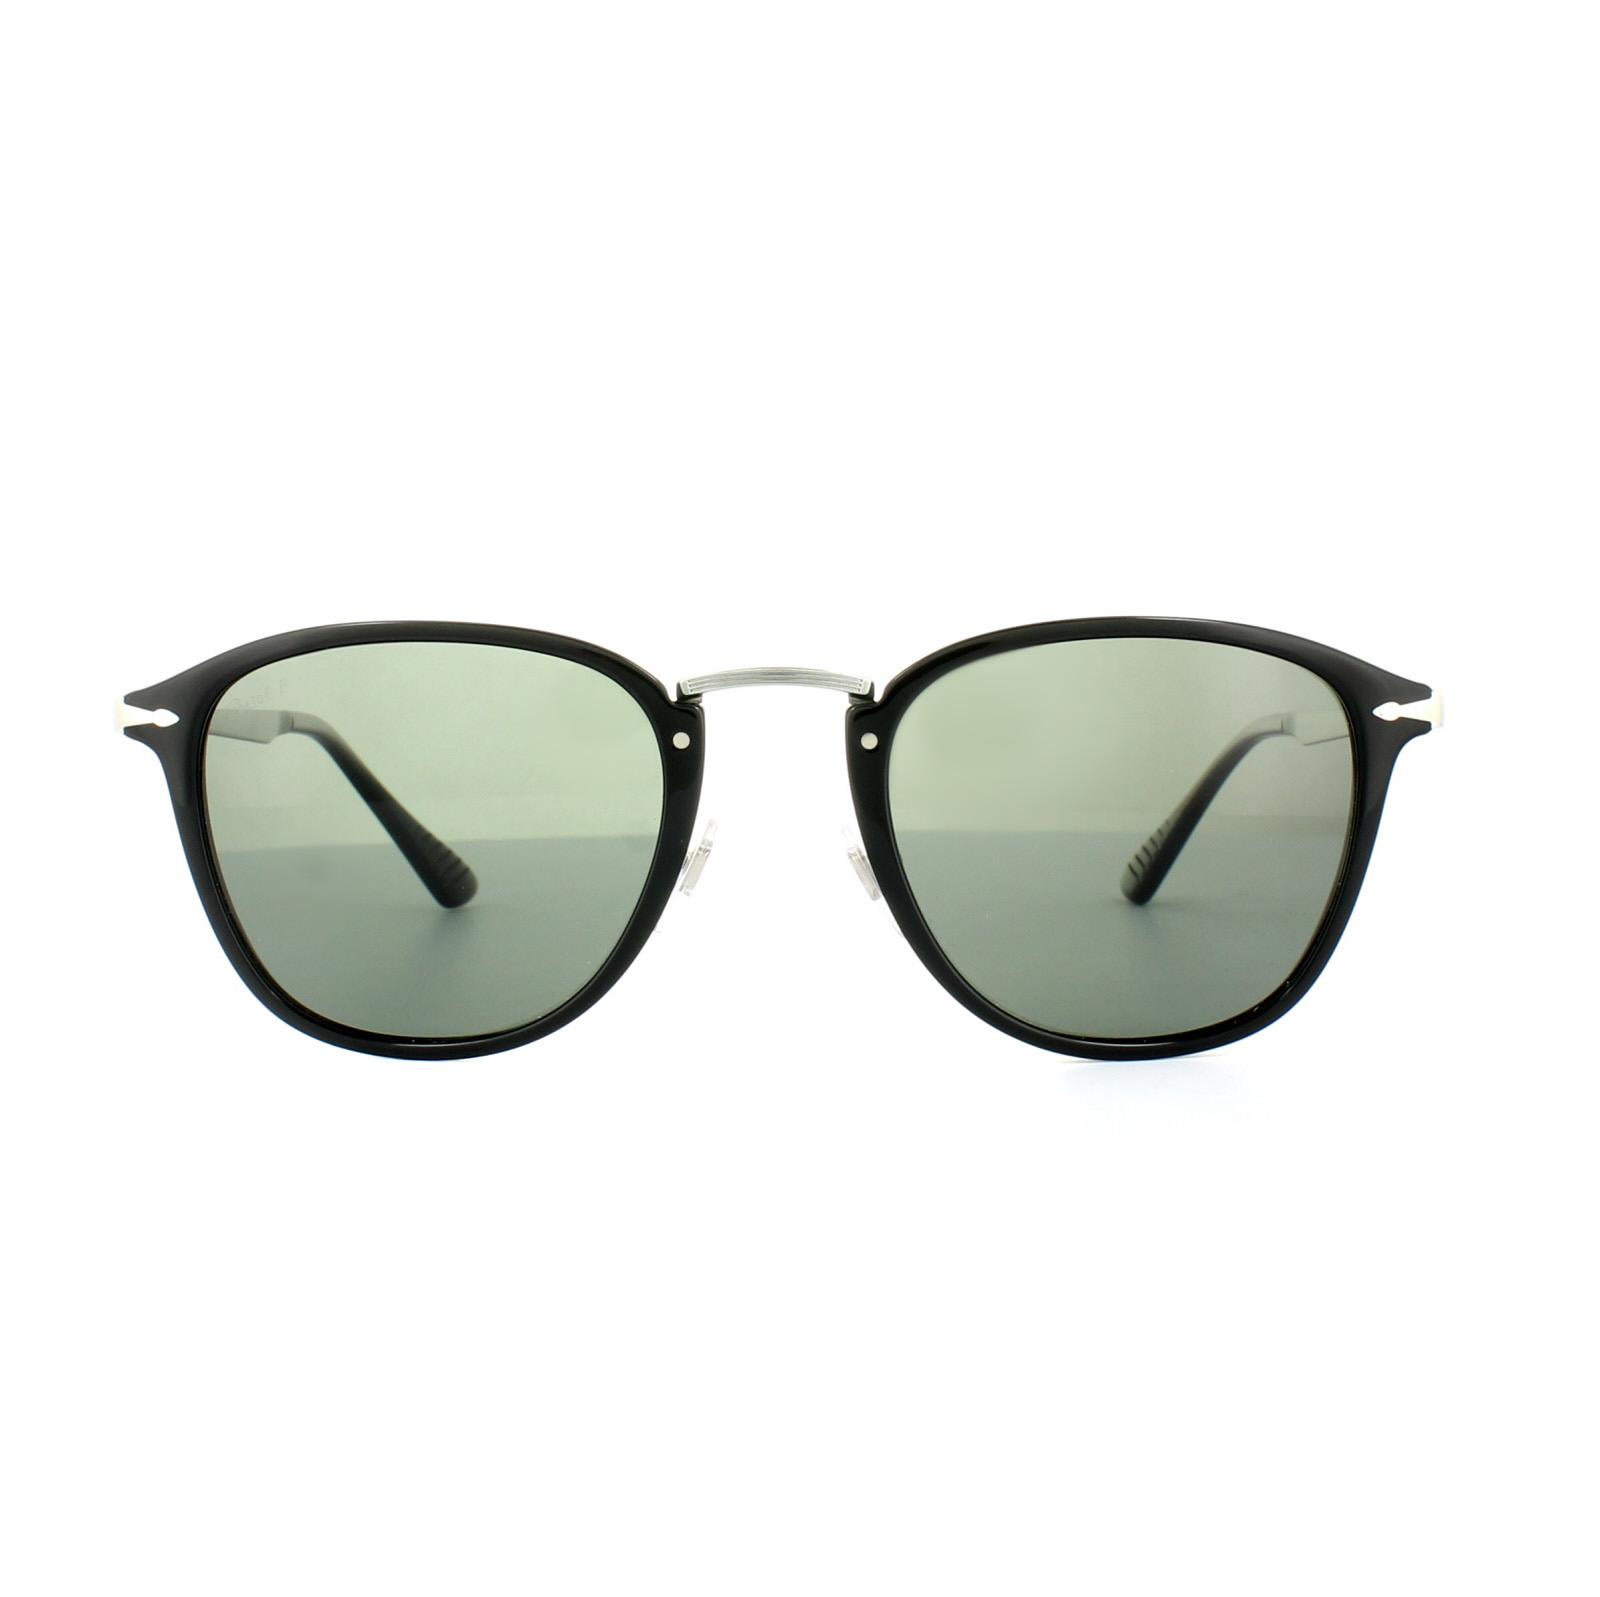 1c3042365e Persol Sunglasses 3165 95 58 Black Green Polarized 8053672665895